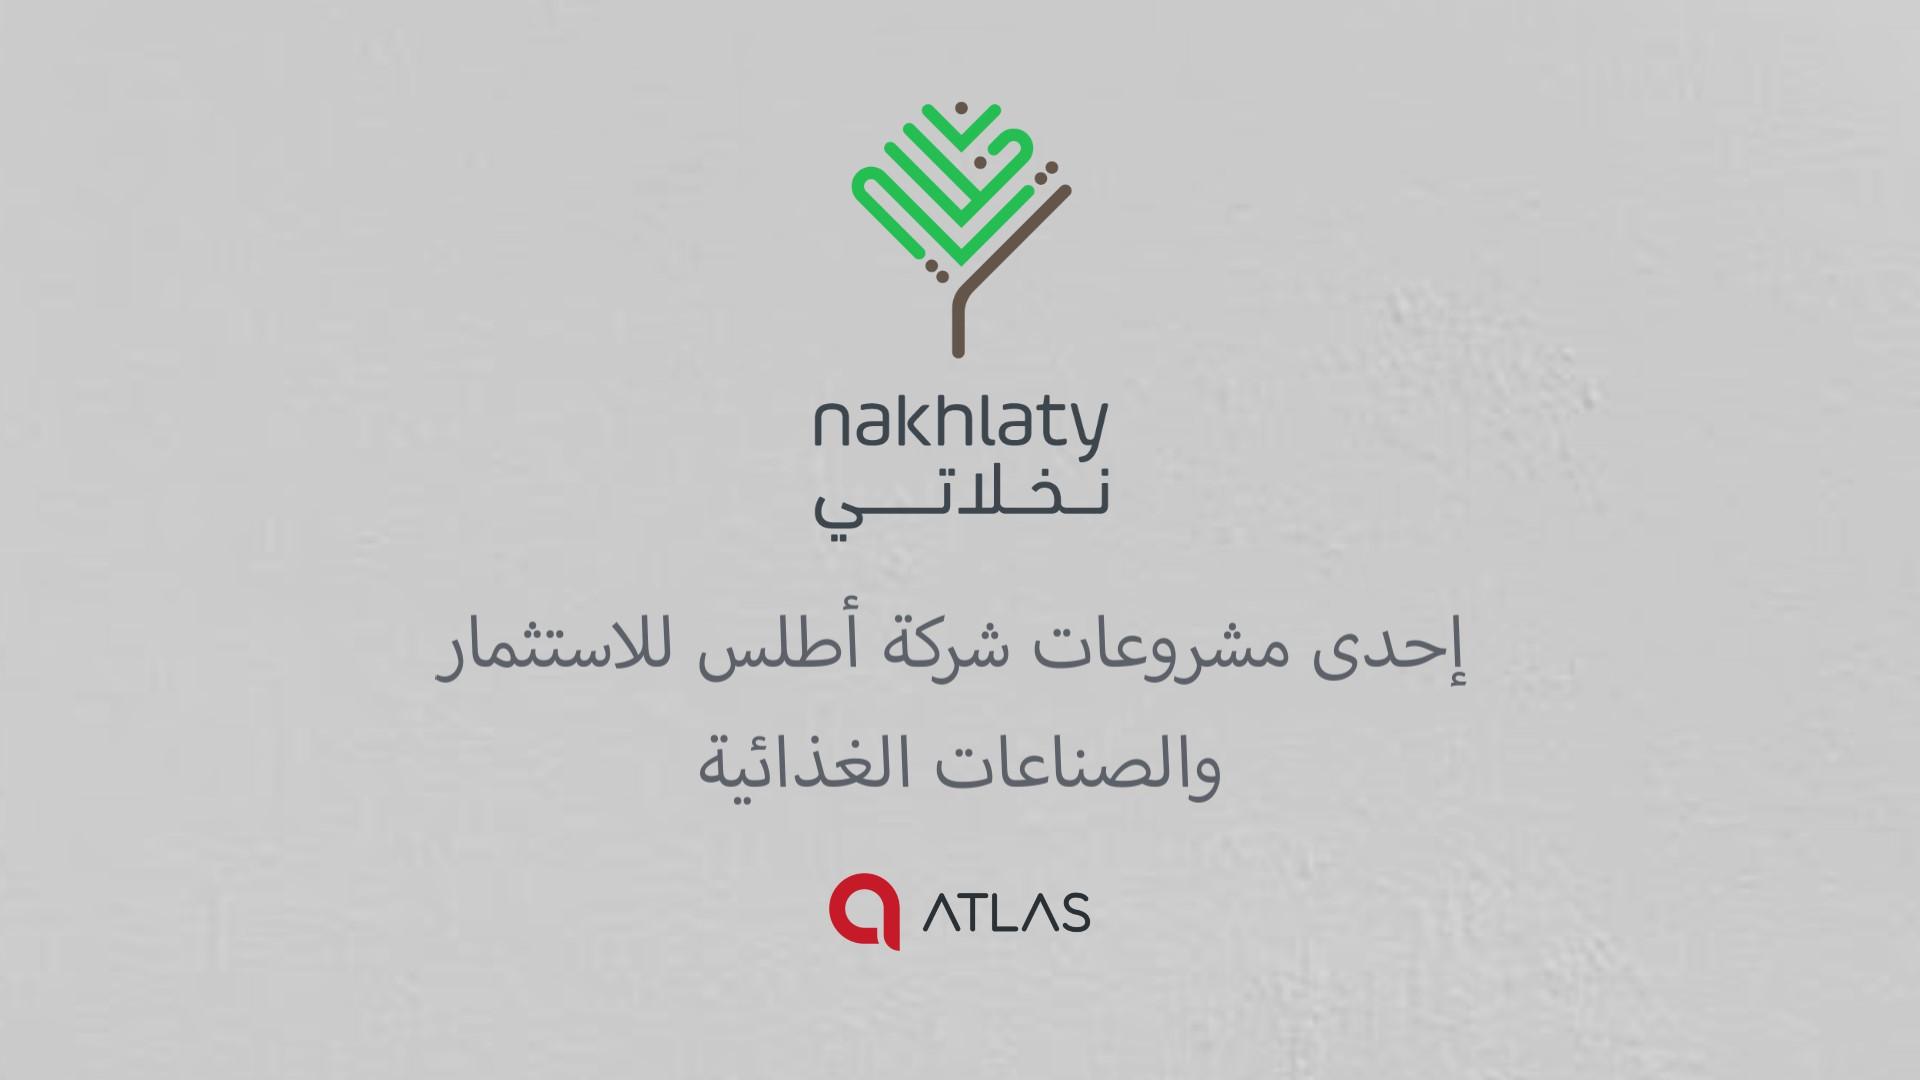 احدى مشروعات اطلس وهو مشروع نخلاتي للاستثمار في مصر